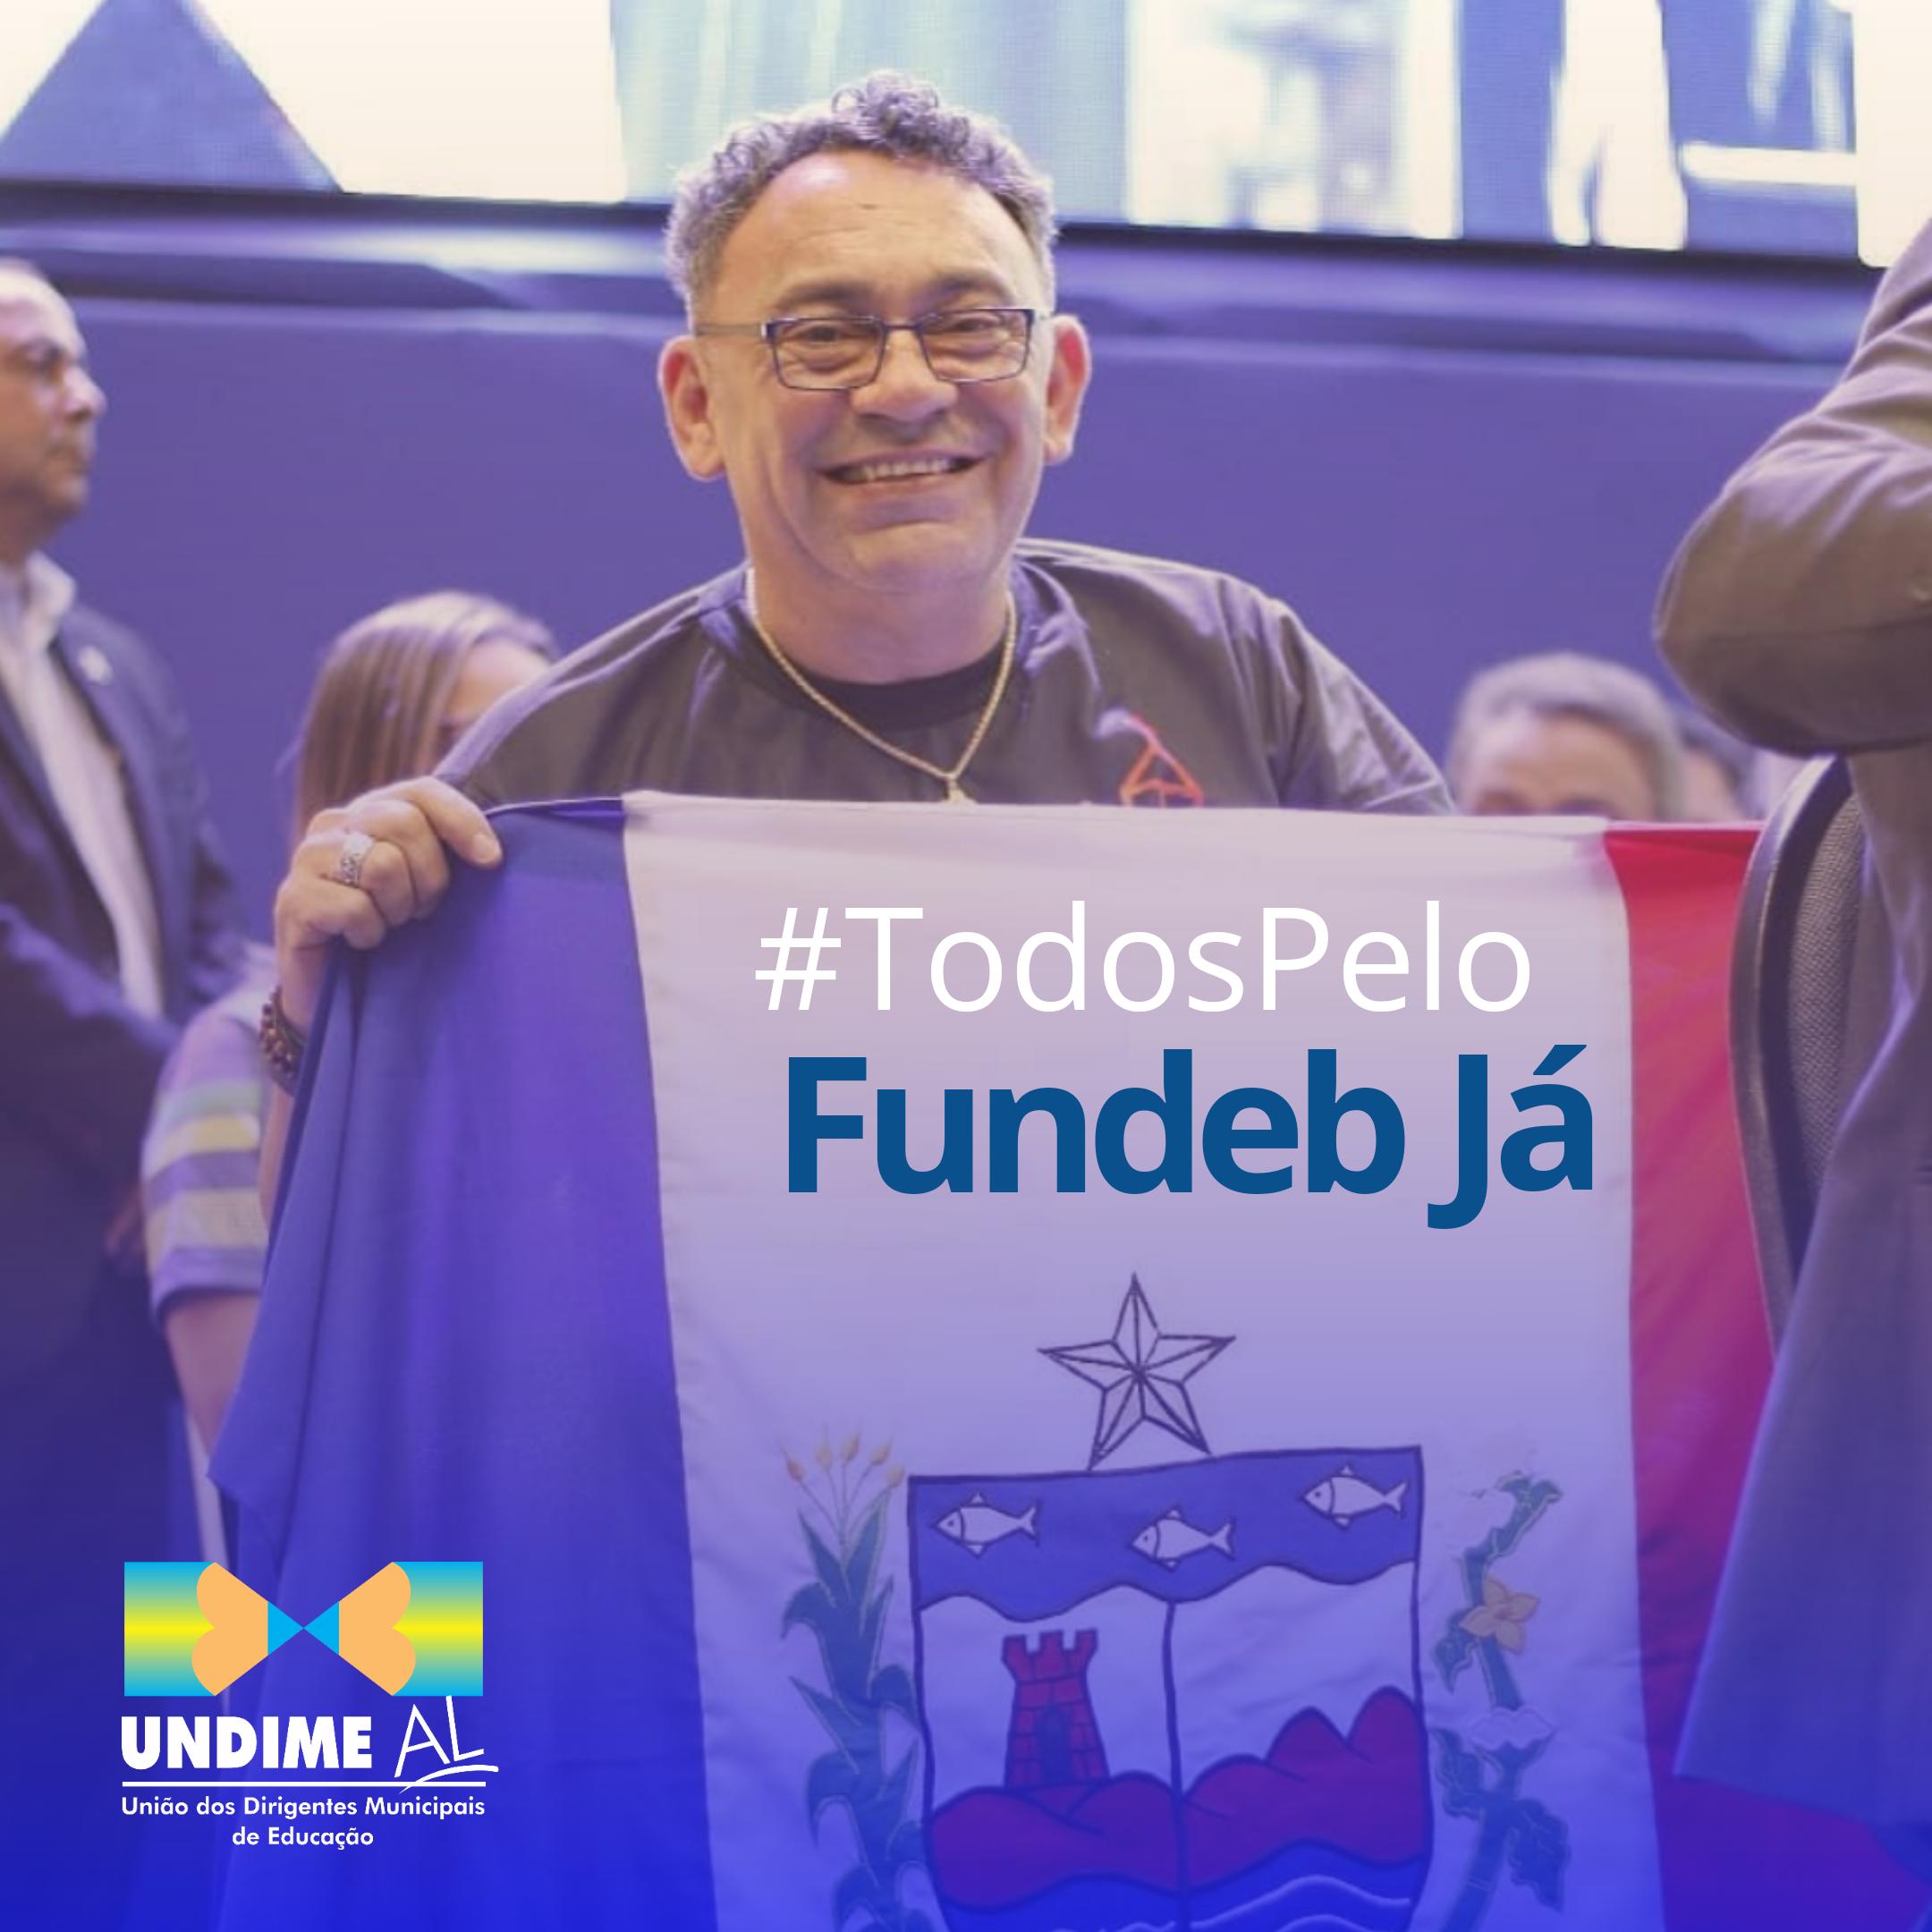 Undime Alagoas pede o apoio de todos em defesa do Novo Fundeb